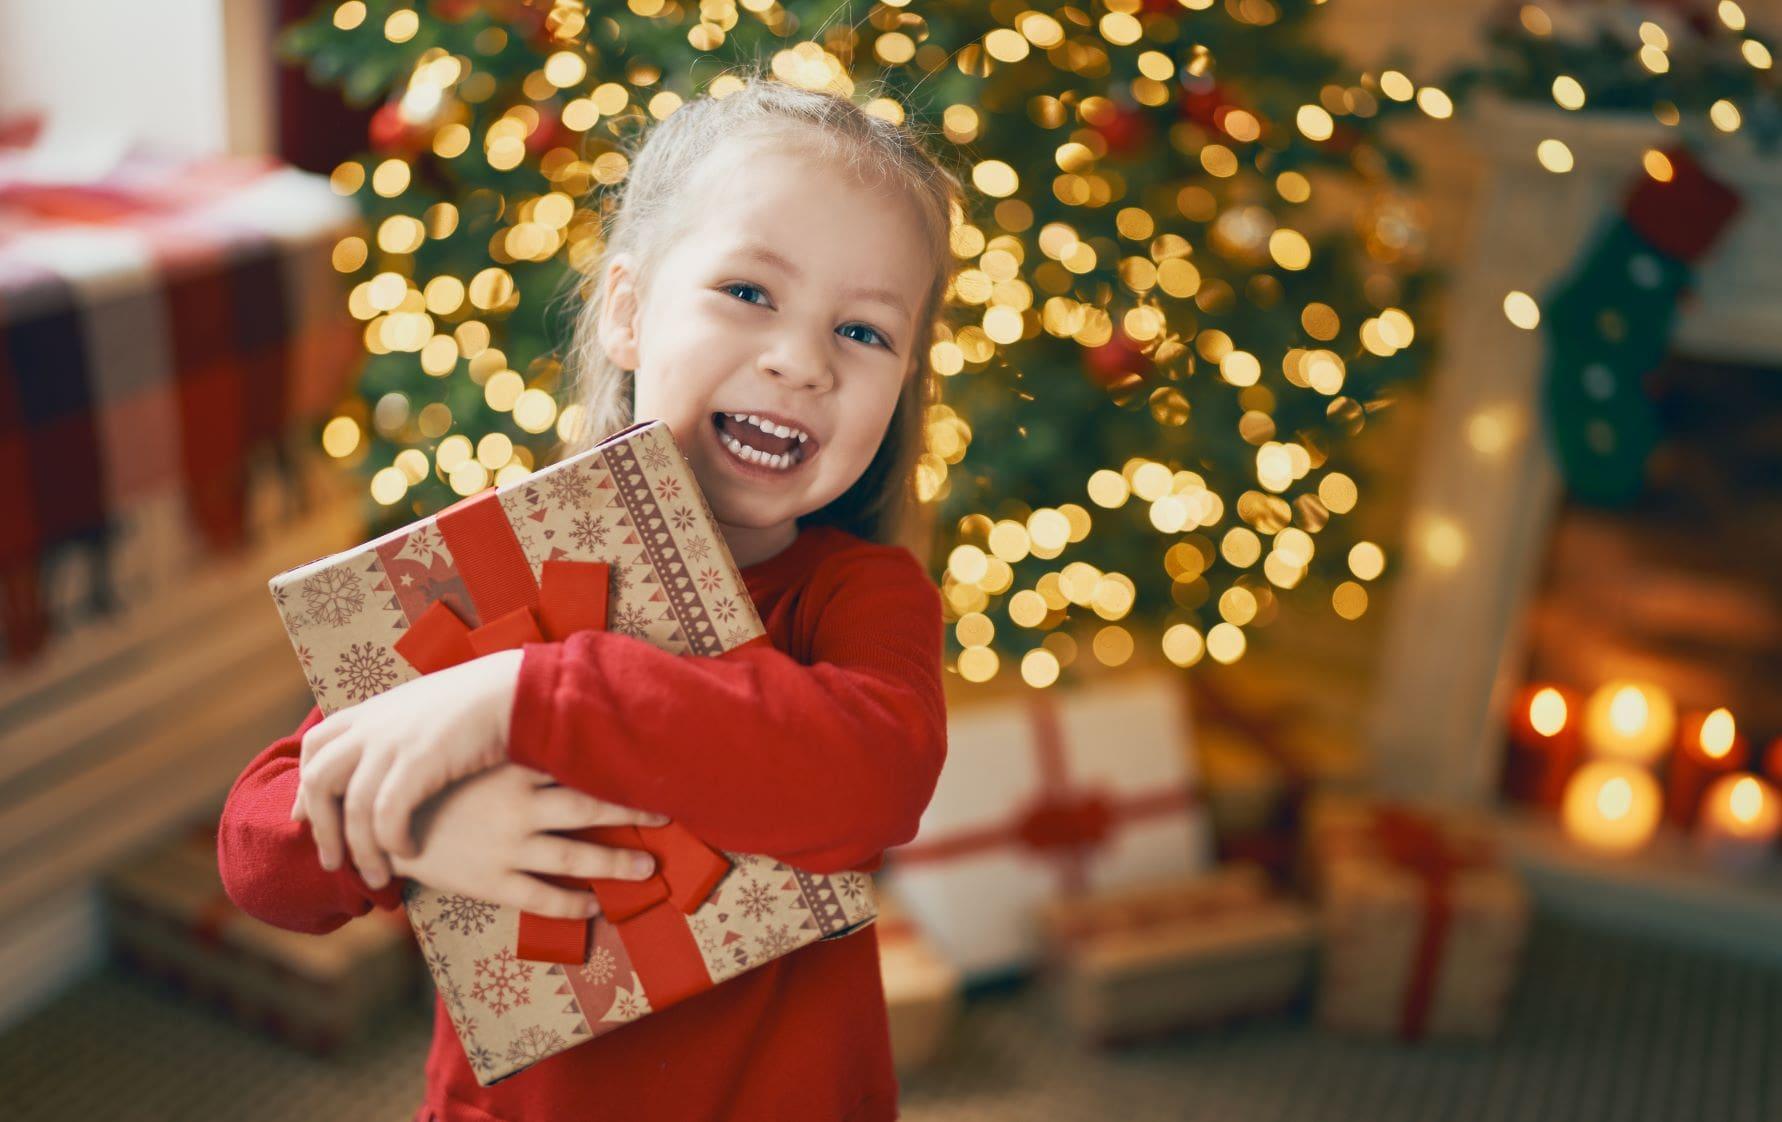 ¿Cómo celebrar la navidad?